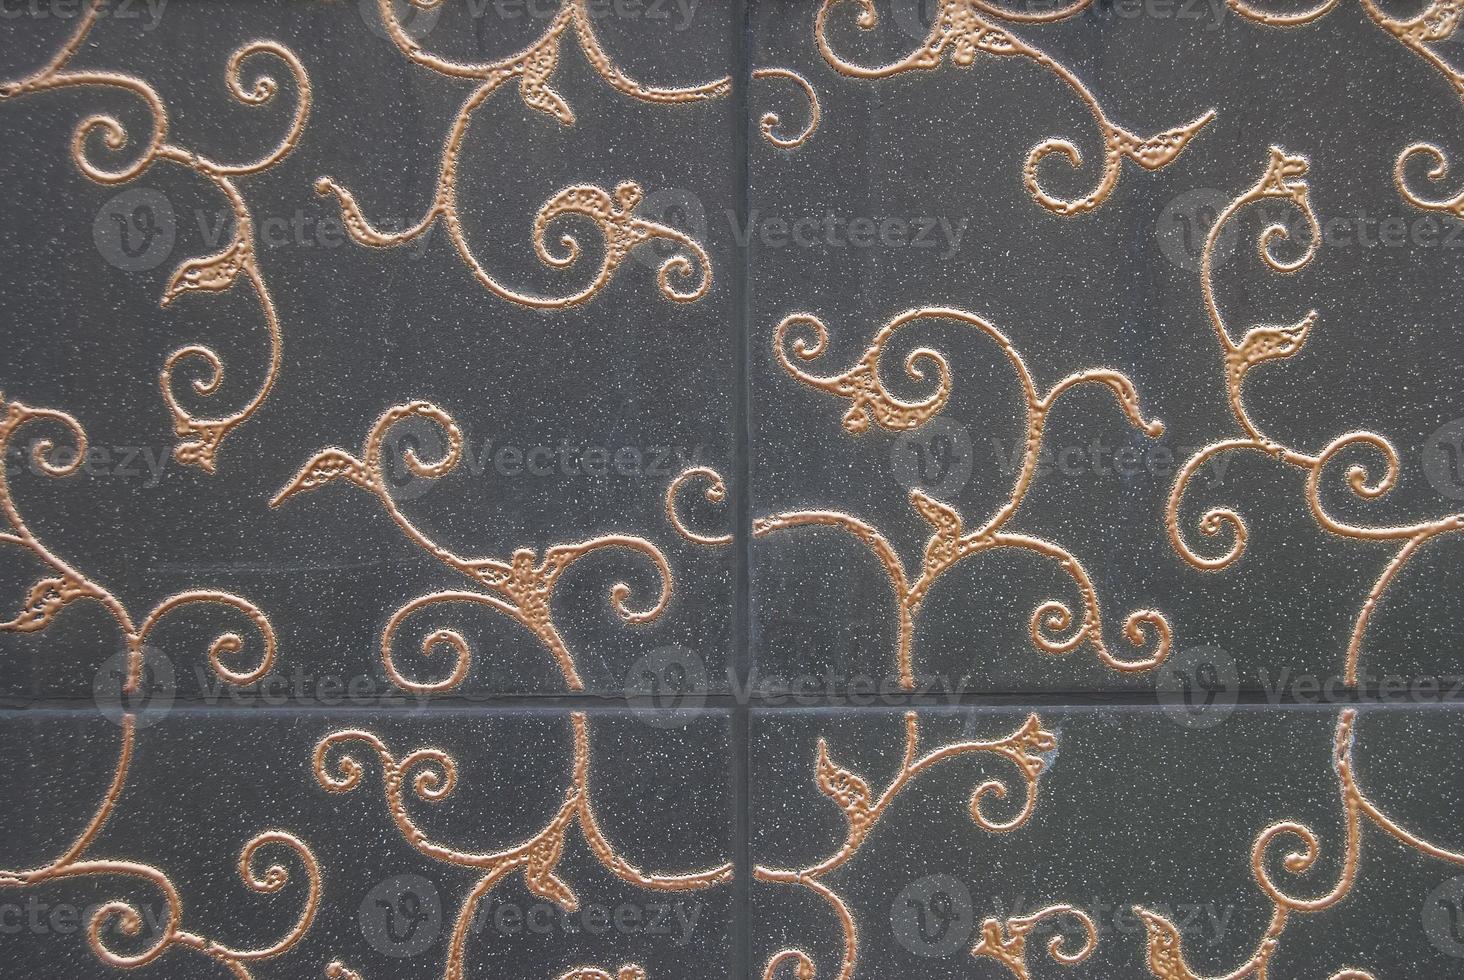 piastrelle decorative scure con decorazioni floreali dorate foto